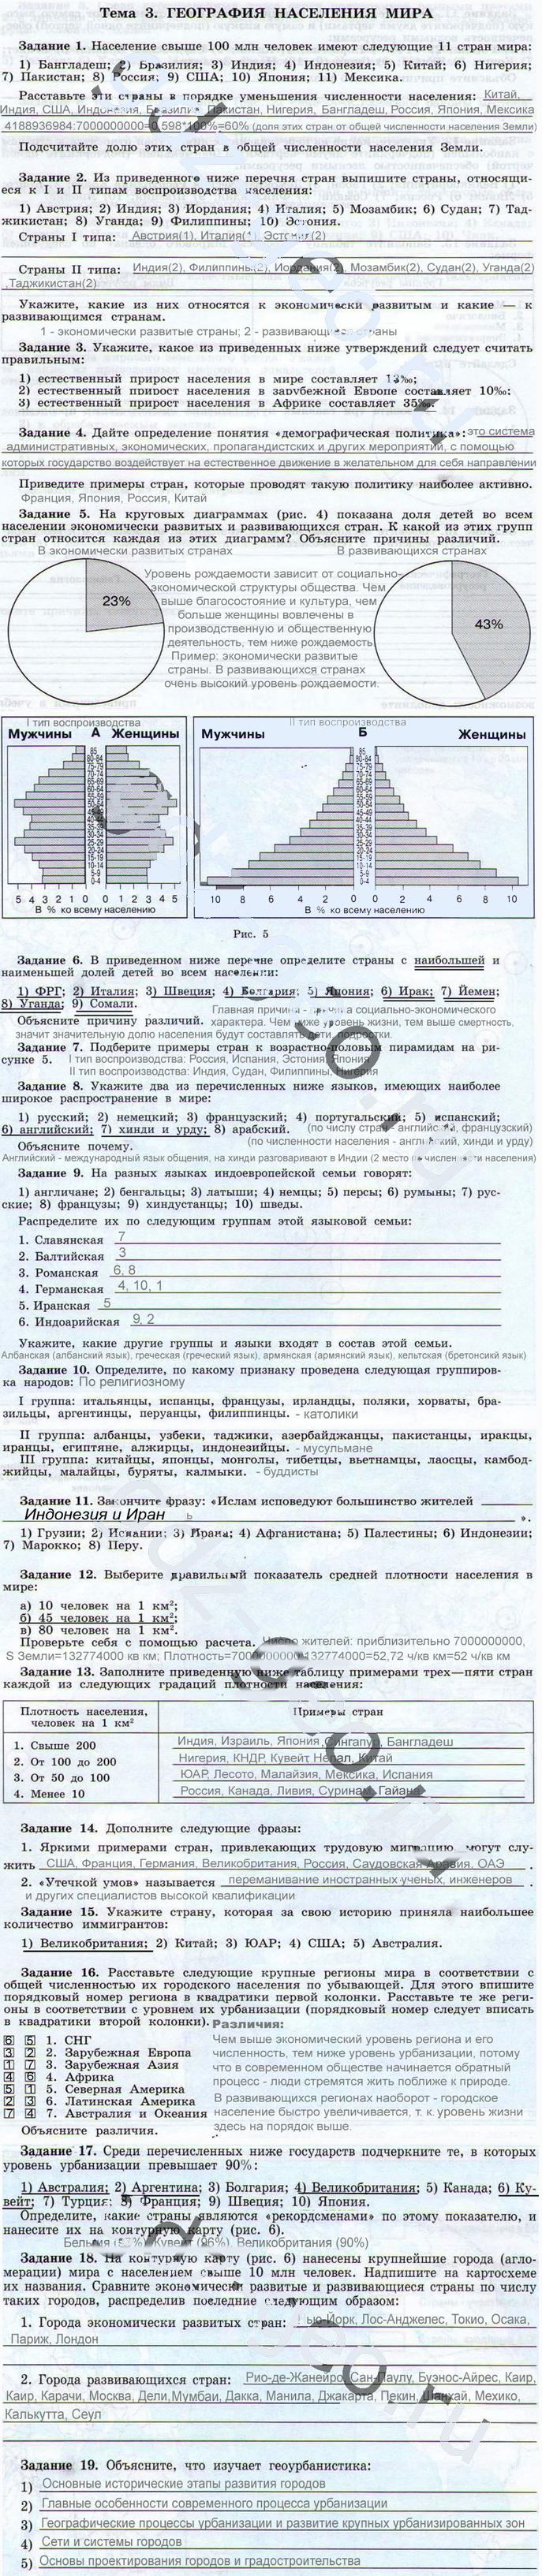 Spishy.ru по английскому языку биболетова 8 класс